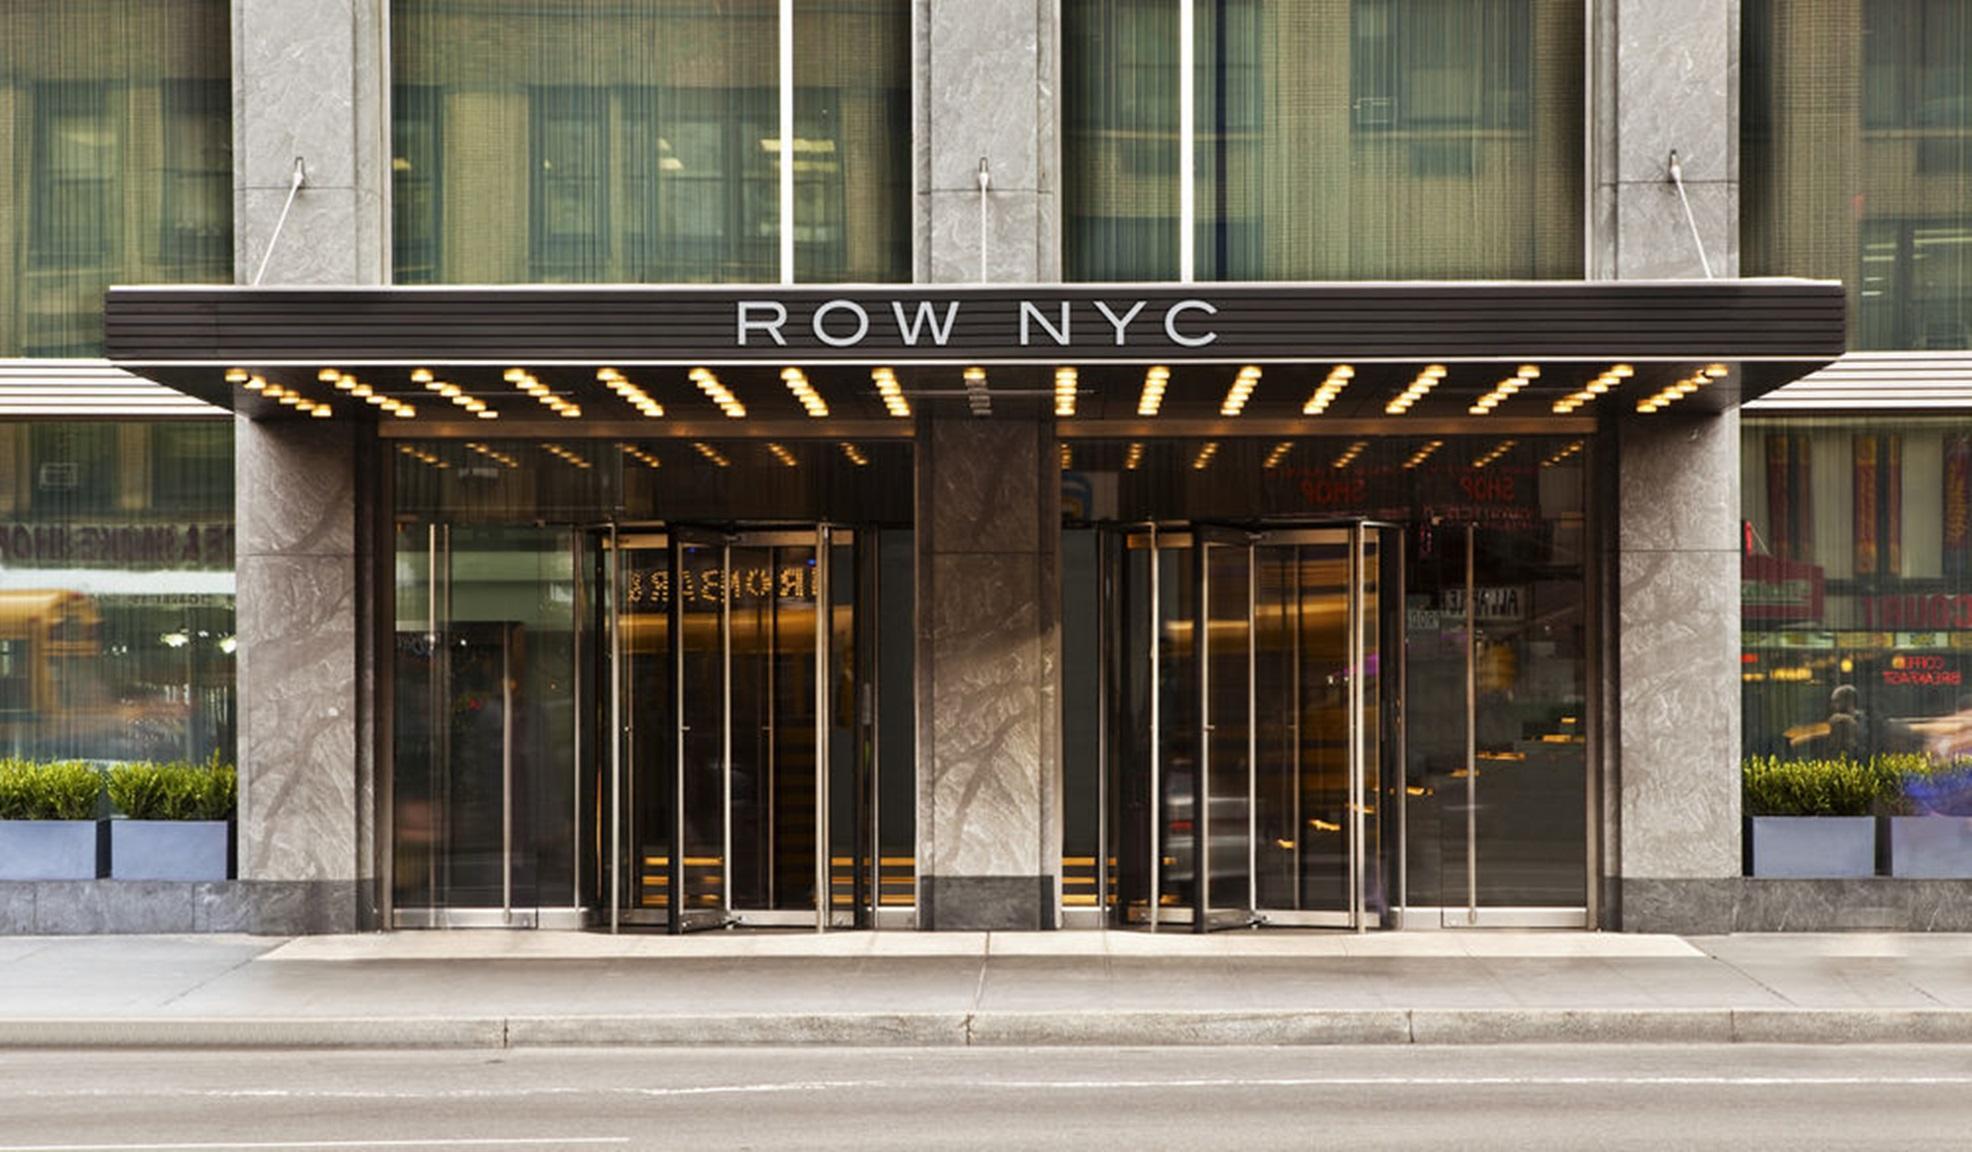 Hotel en Nueva York Row NYC